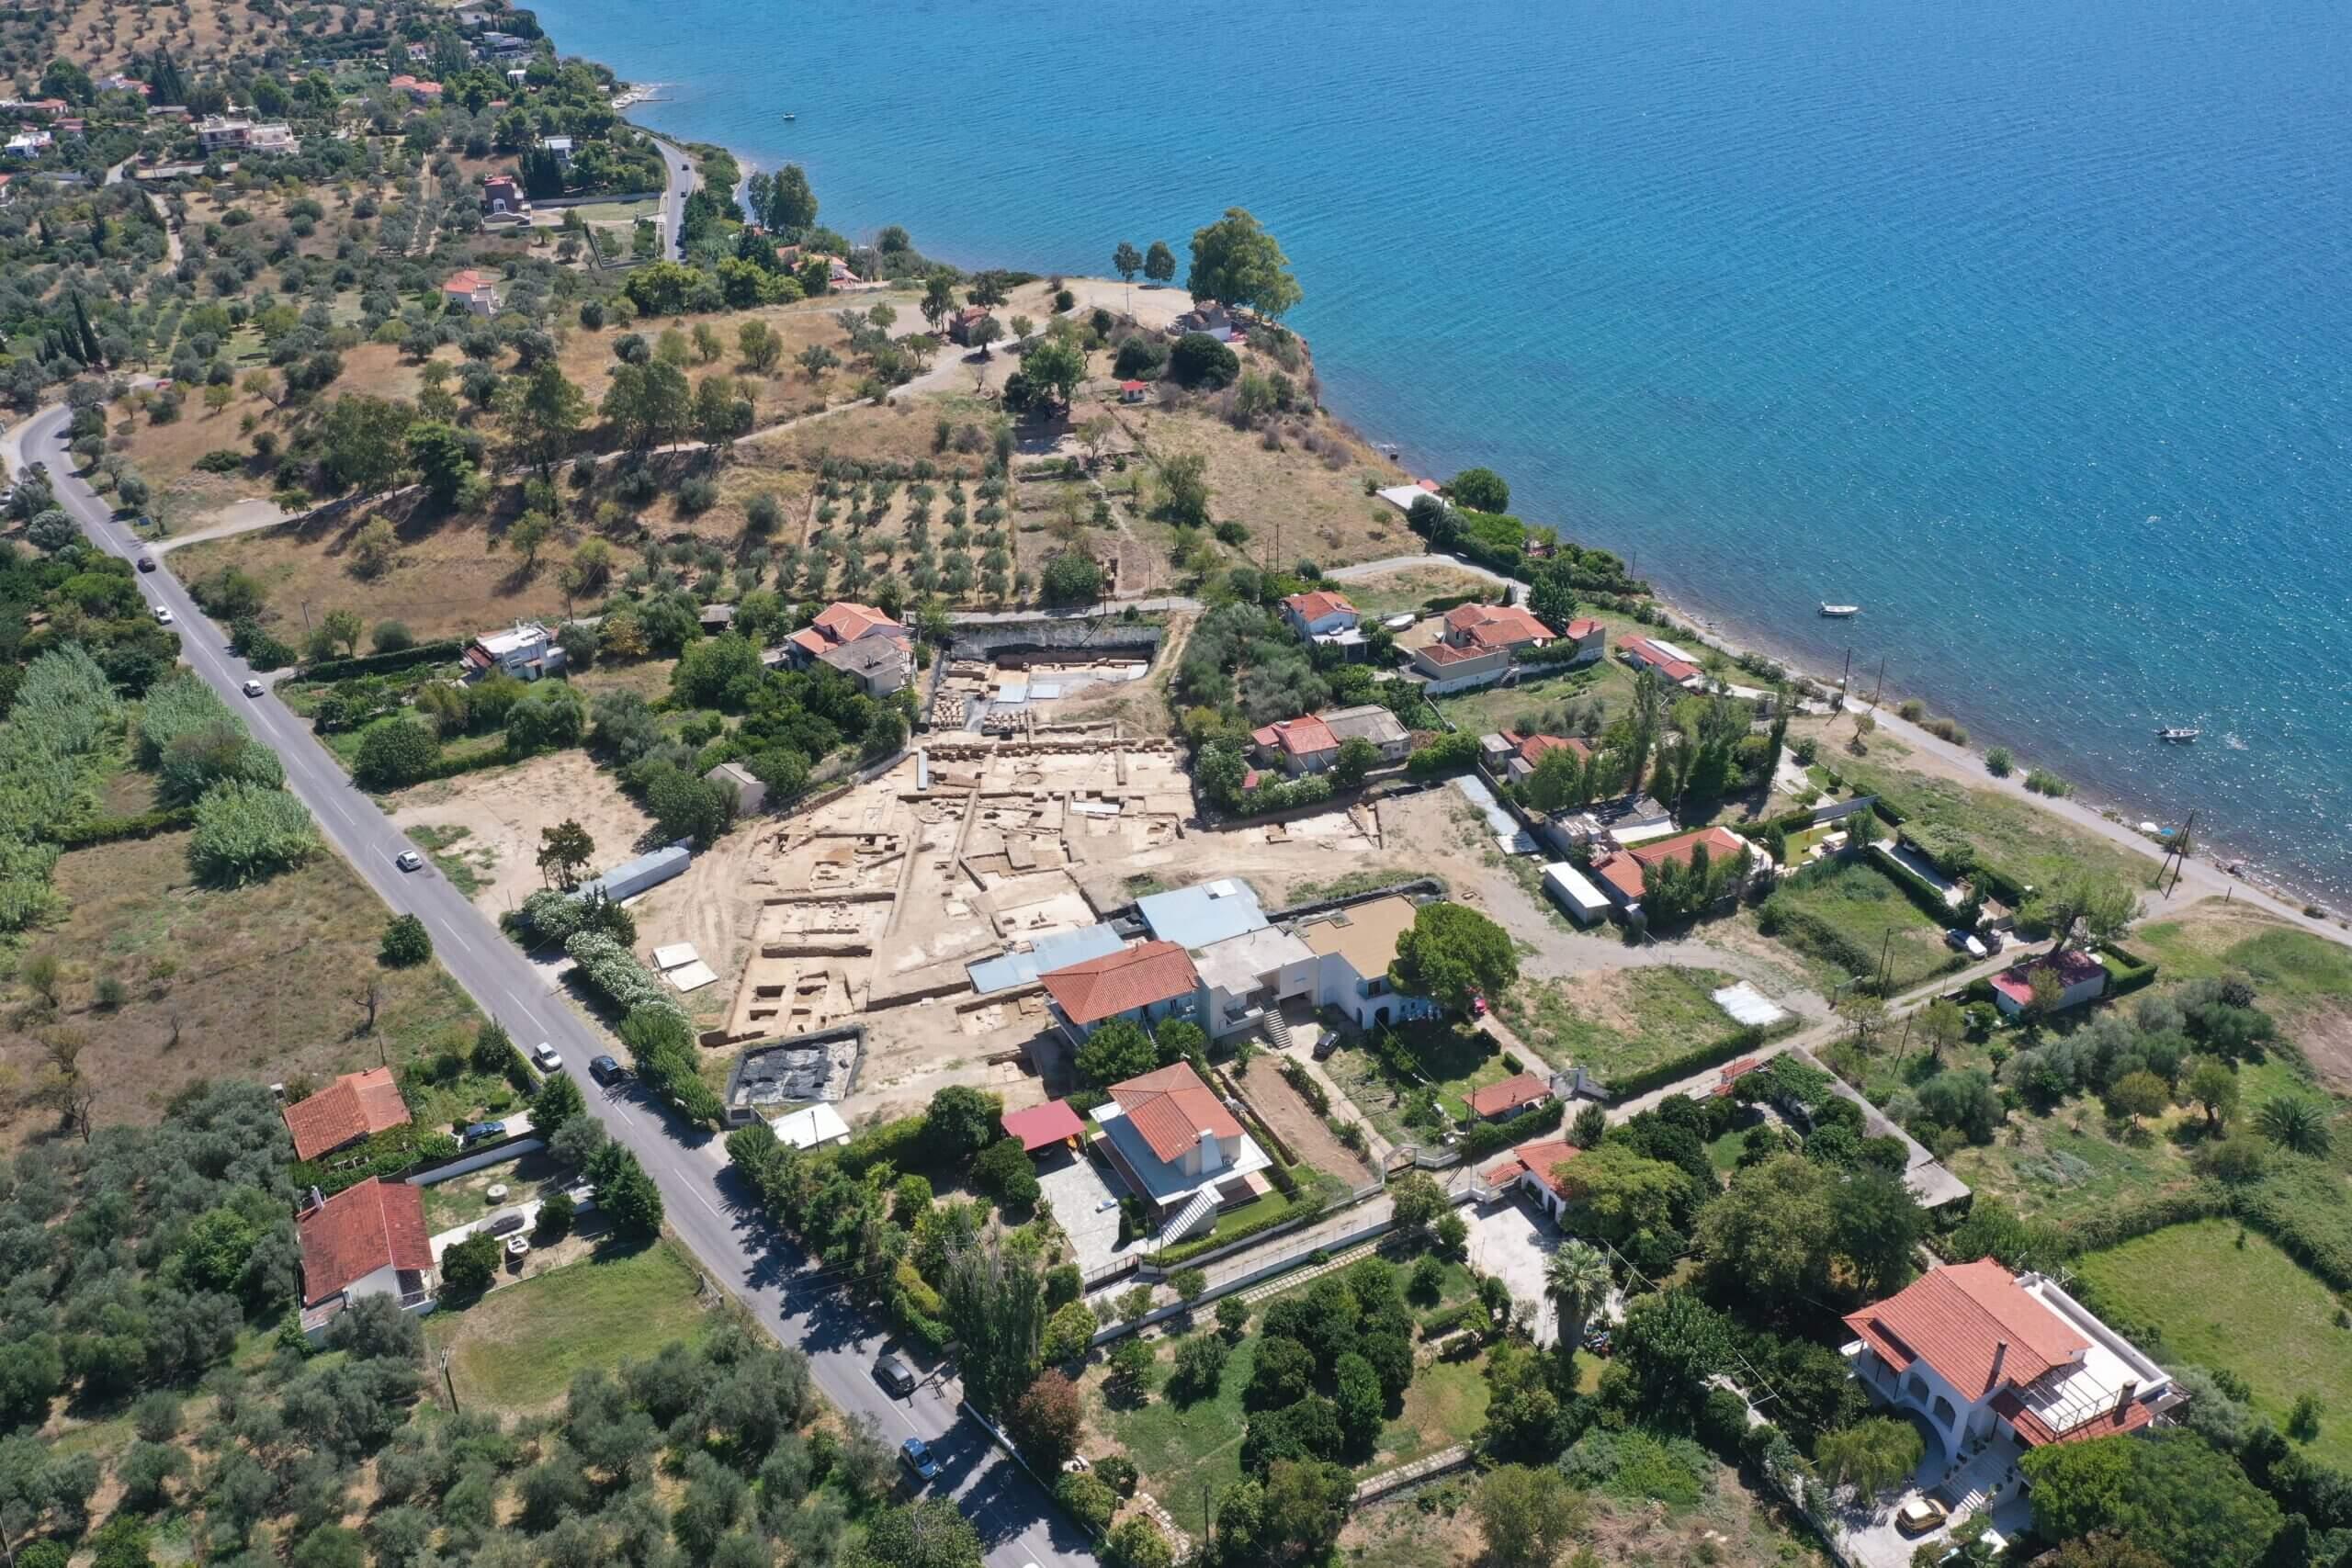 7,7 εκατ. ευρώ για την στήριξη του πολιτισμού στην Αθήνα